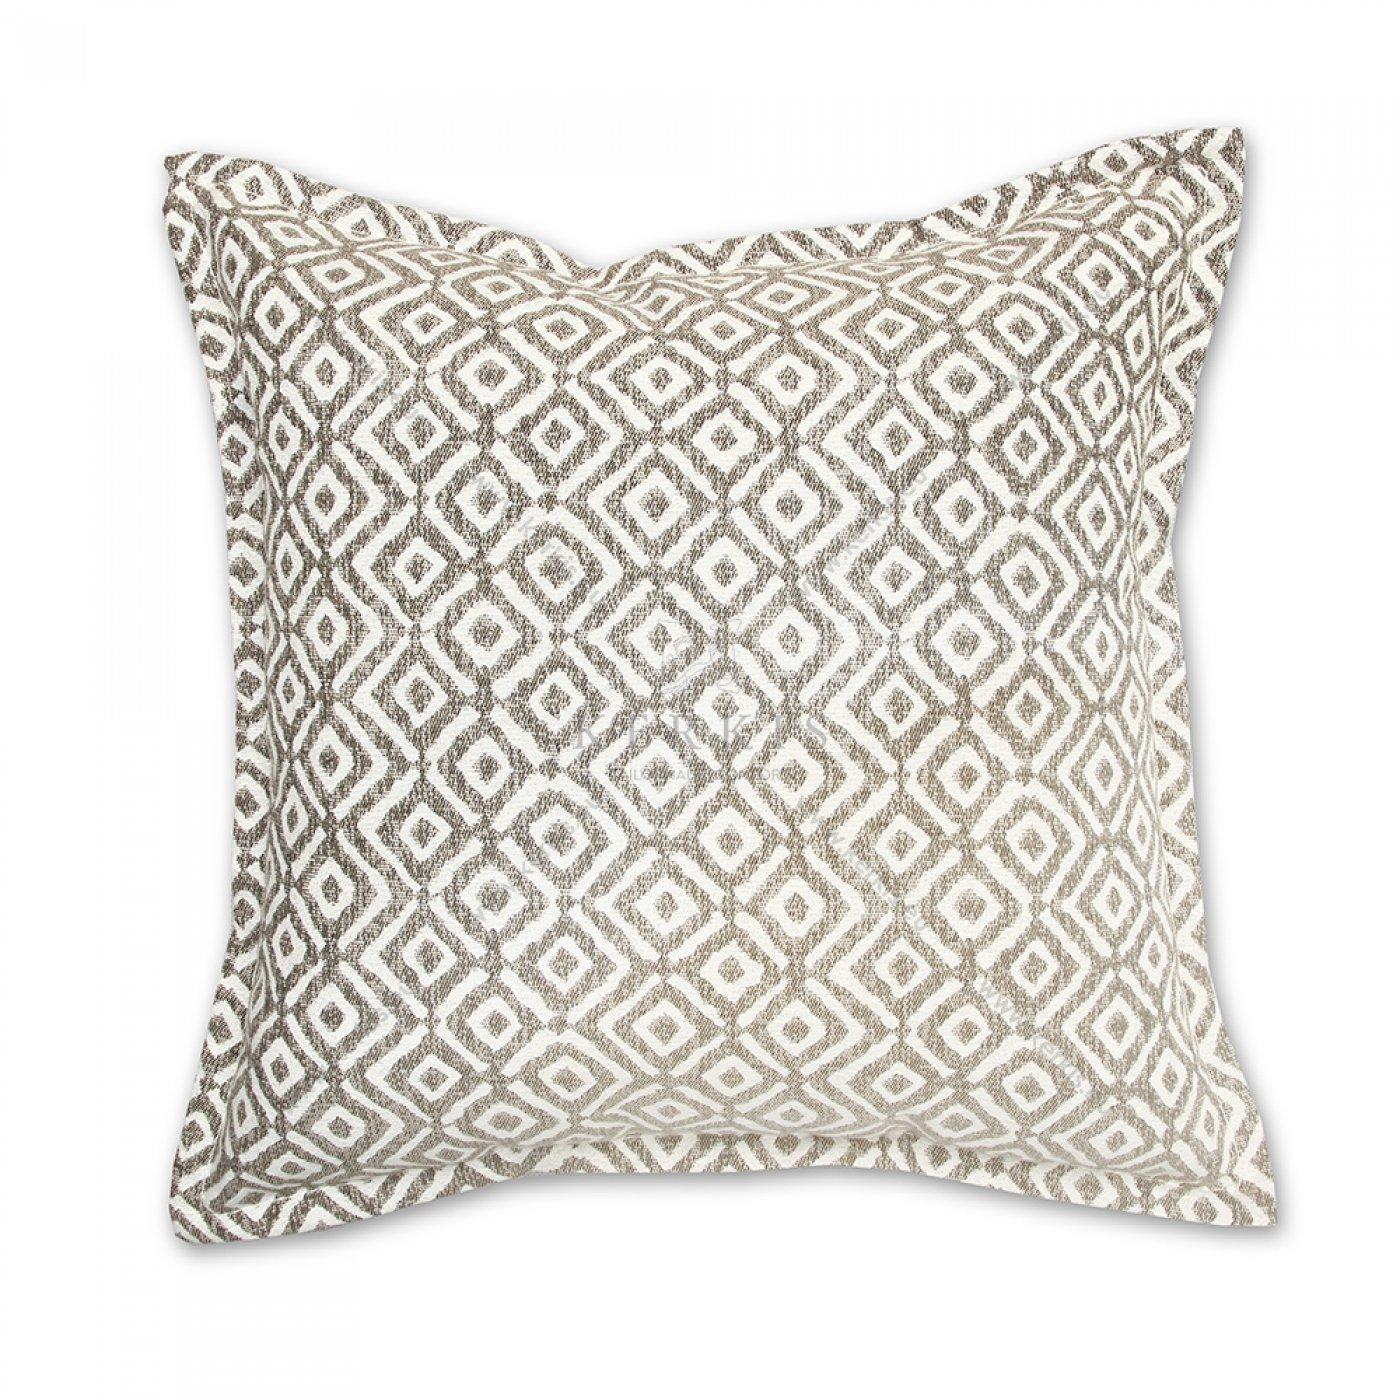 Διακοσμητικό μαξιλάρι καναπέ, χρώμα μπεζ, ρόμβος